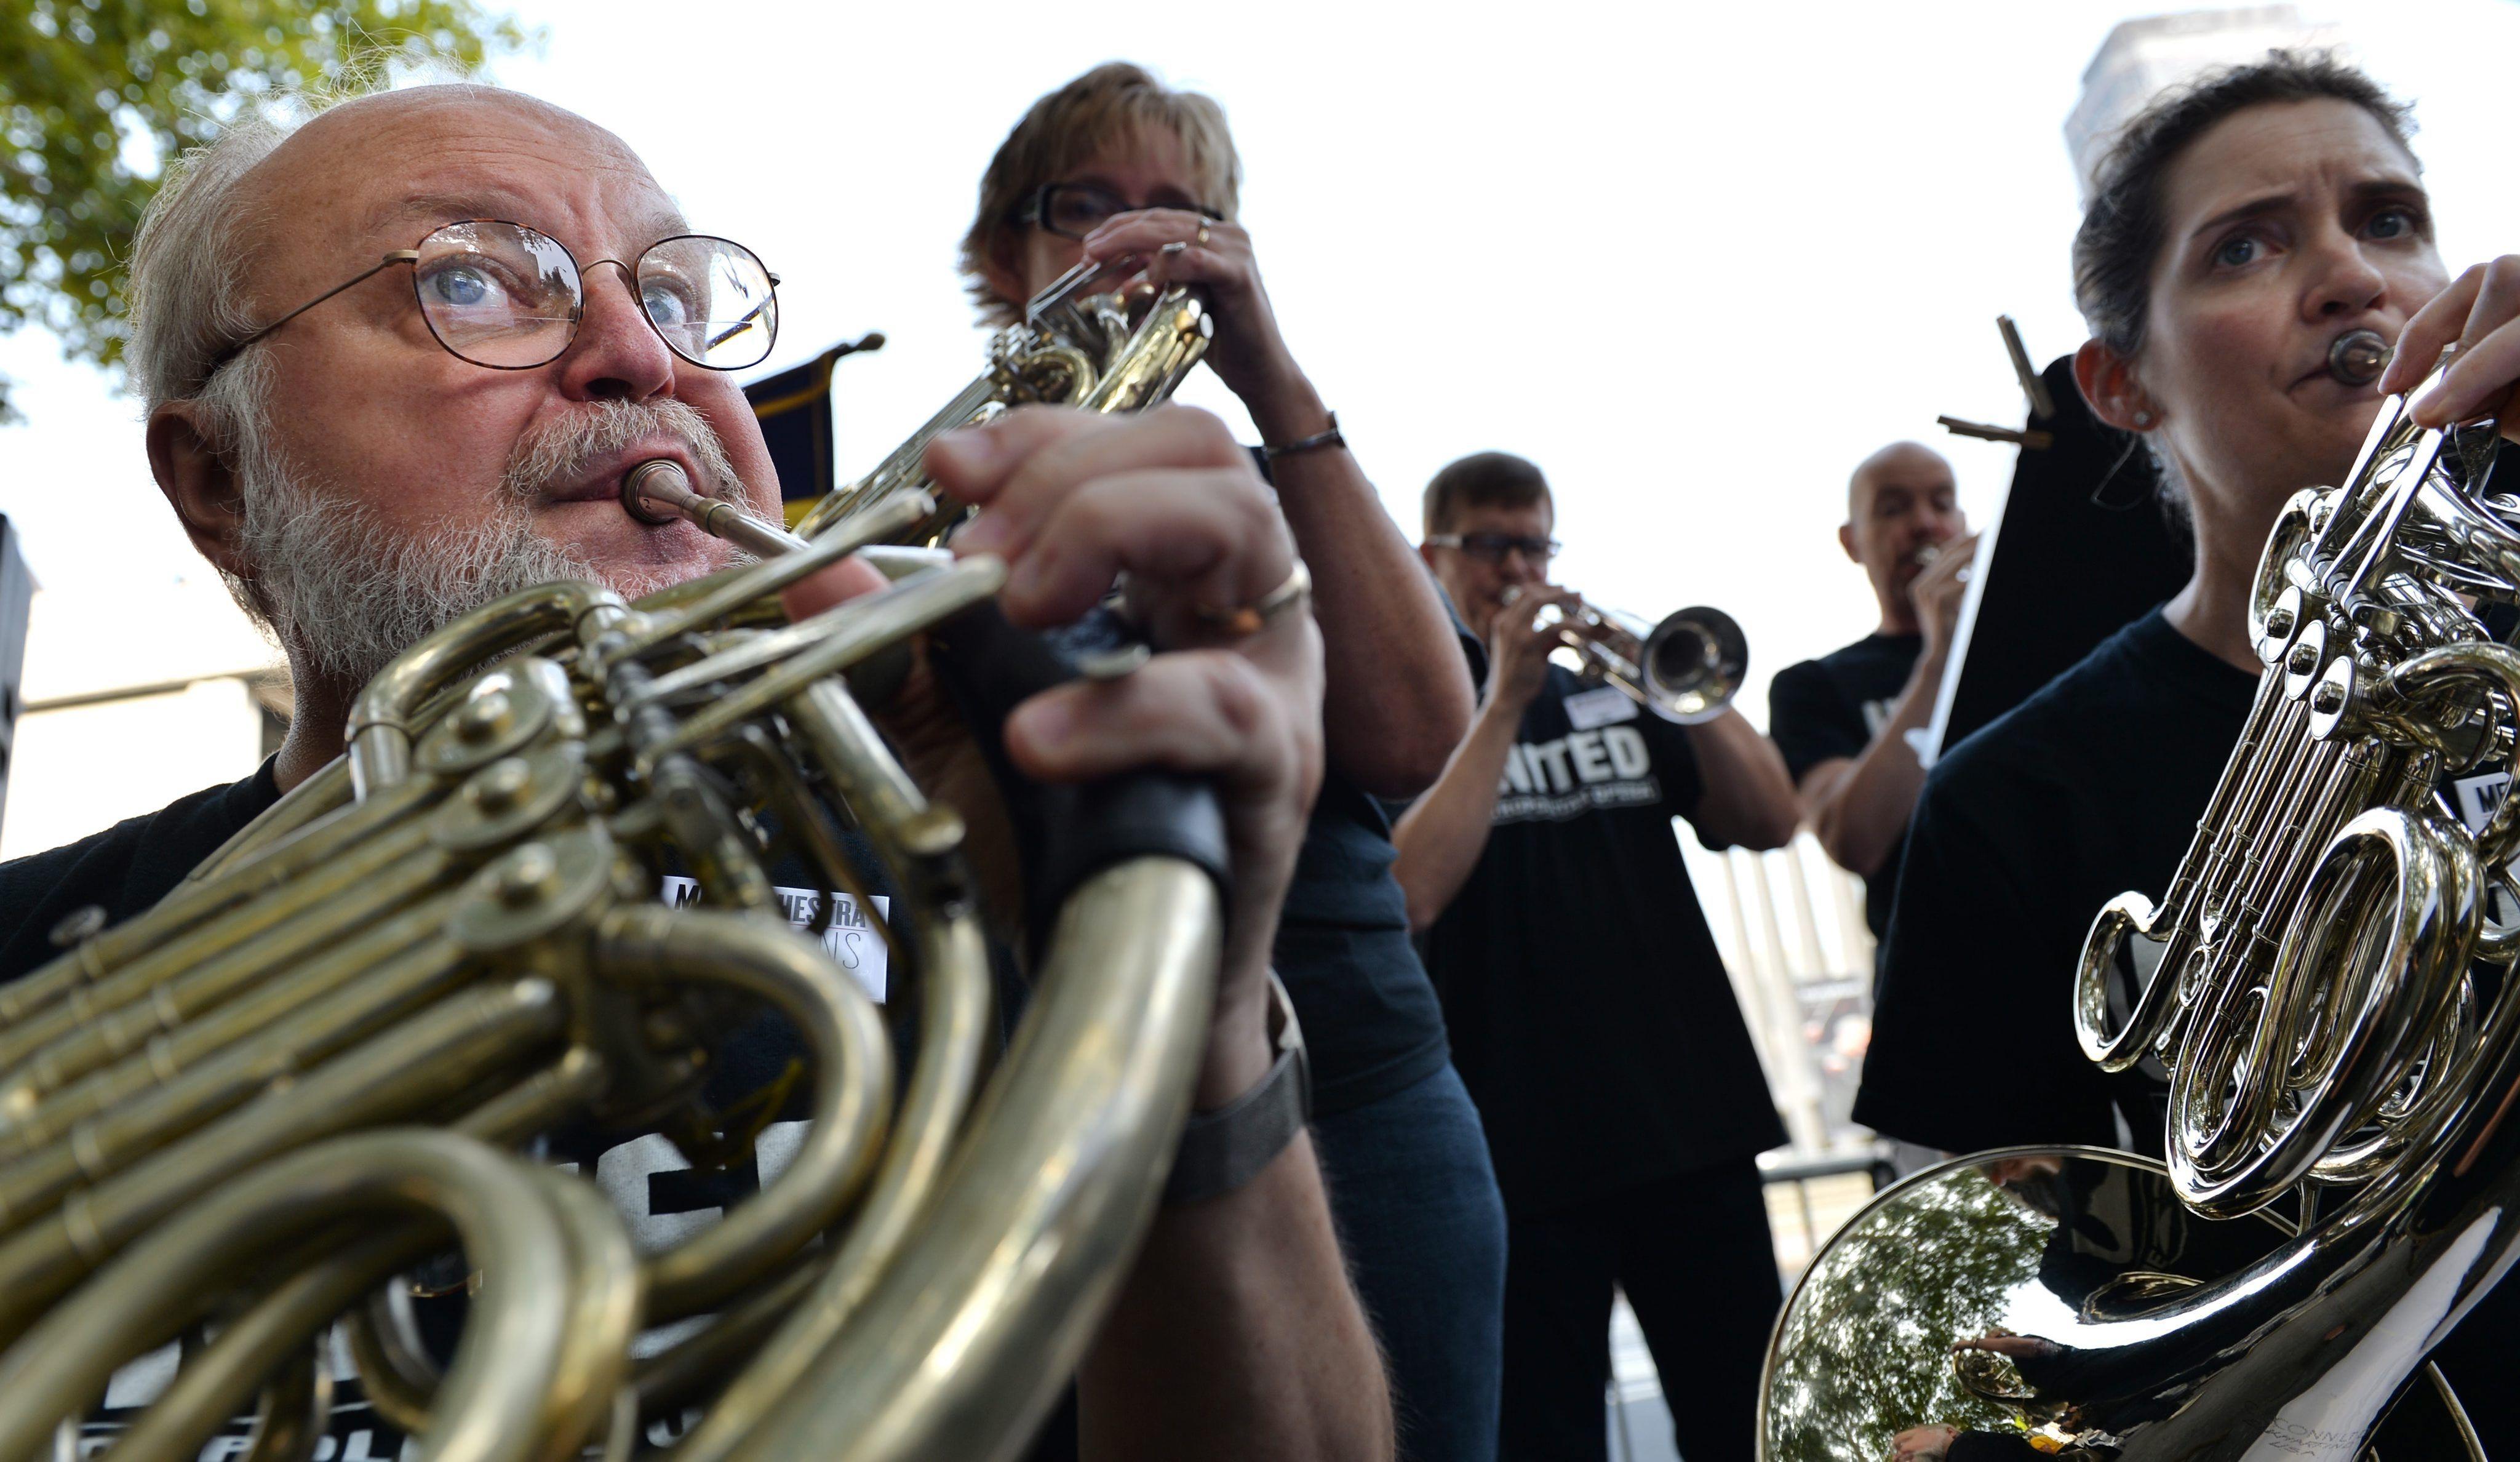 Članovi orkestra sviraju tijekom prosvjeda